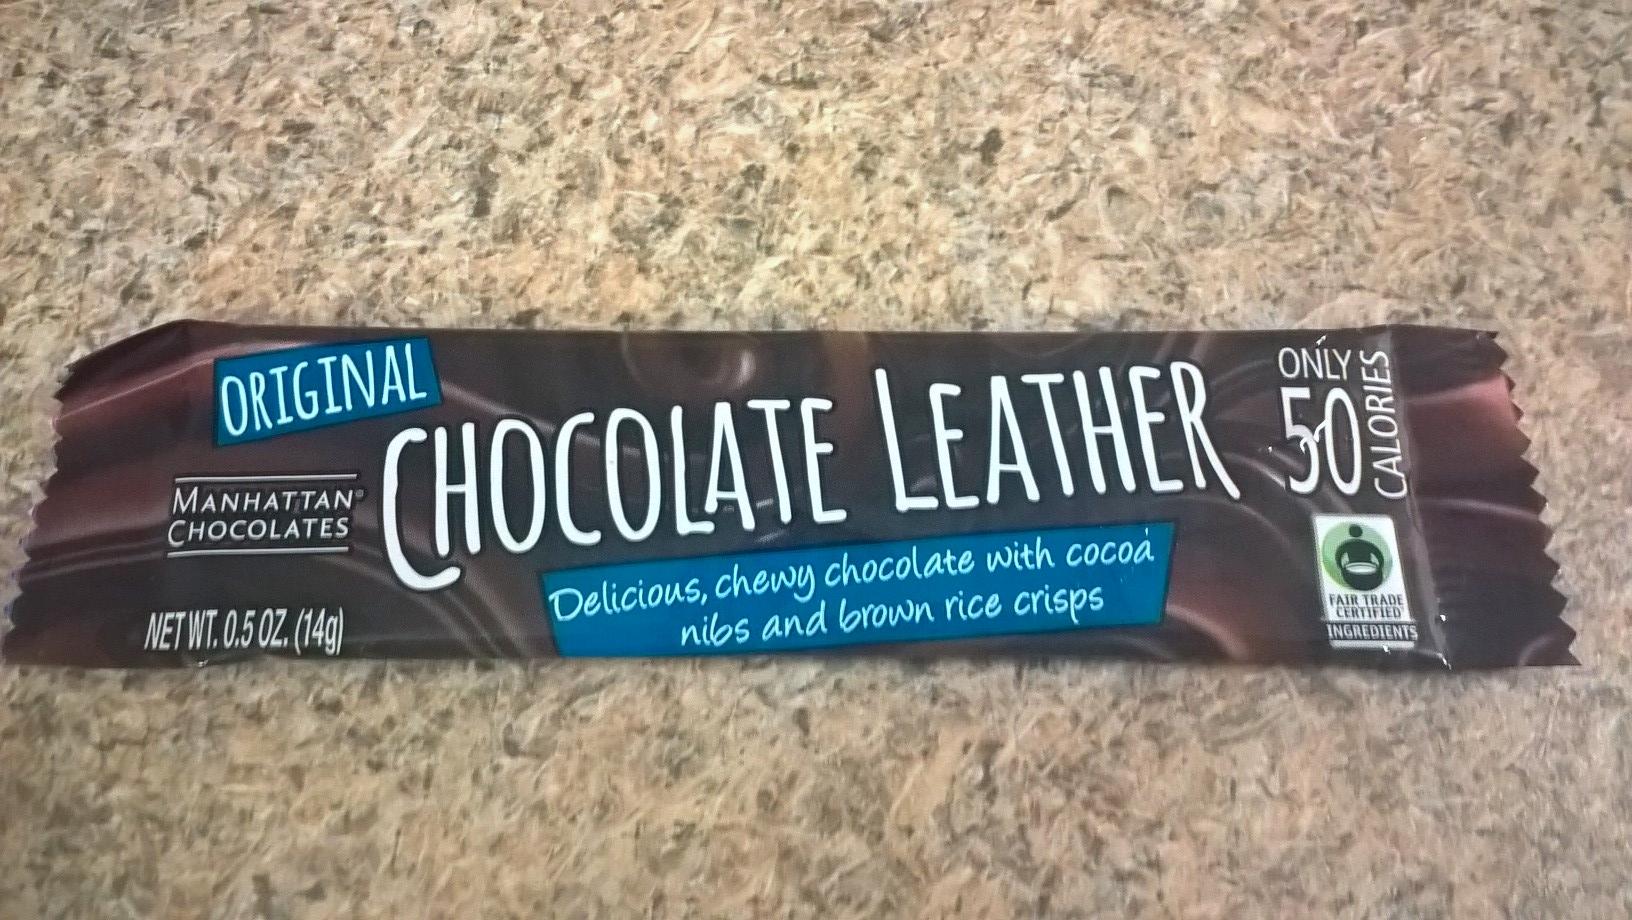 ChocolateLeather